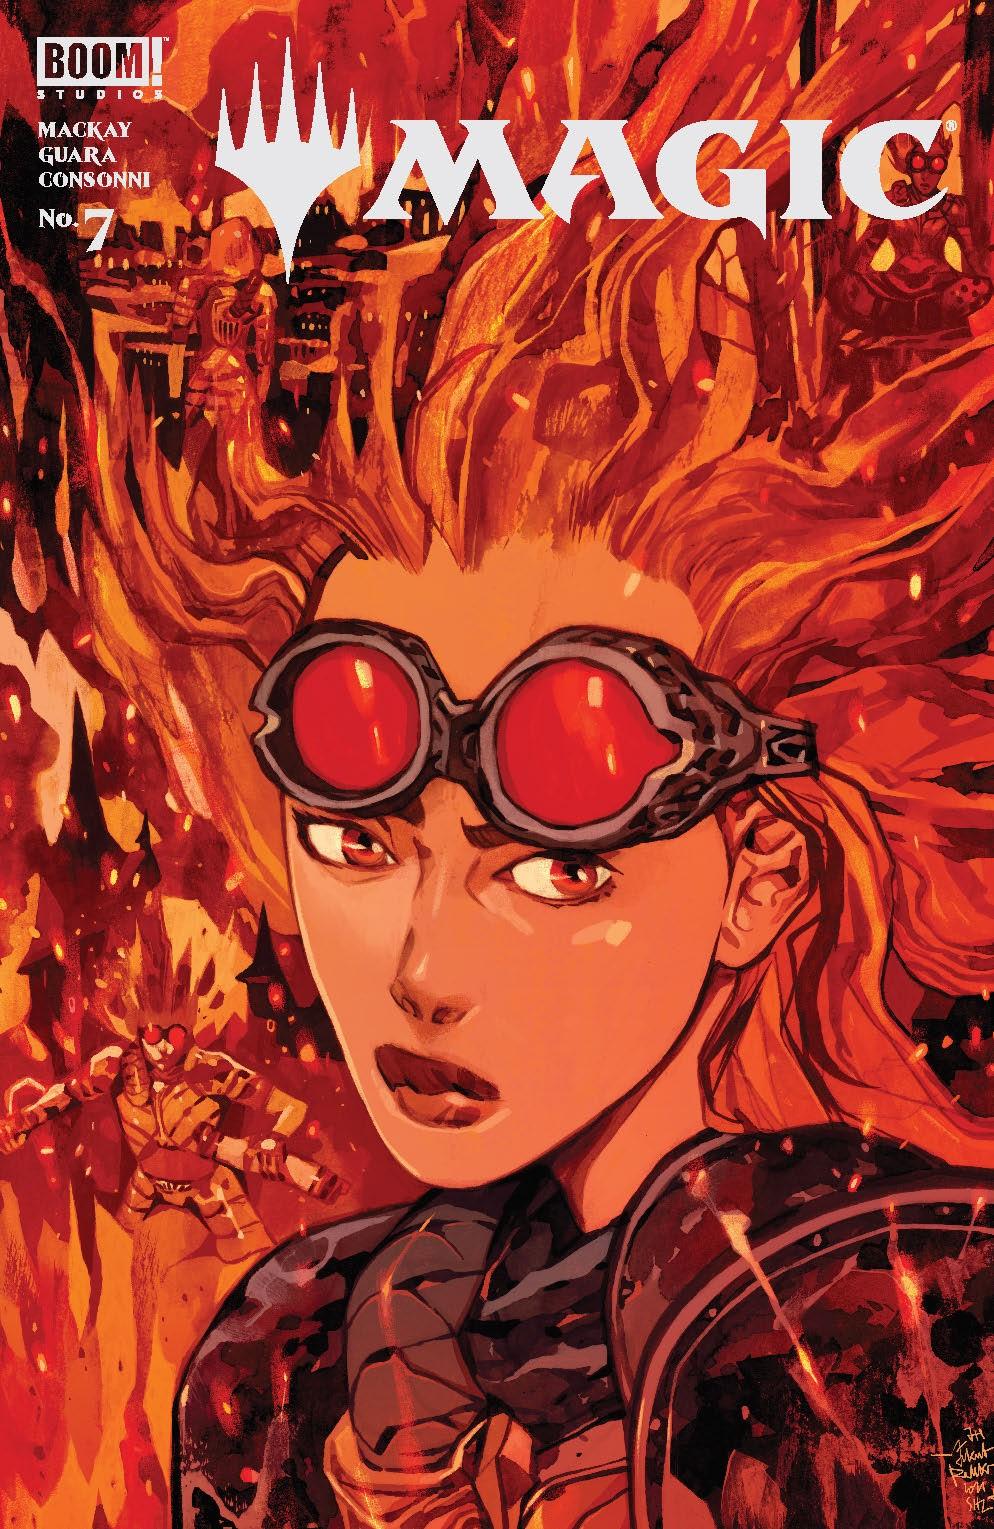 Magic_007_Cover_C1_HiddenSpark ComicList Previews: MAGIC #7